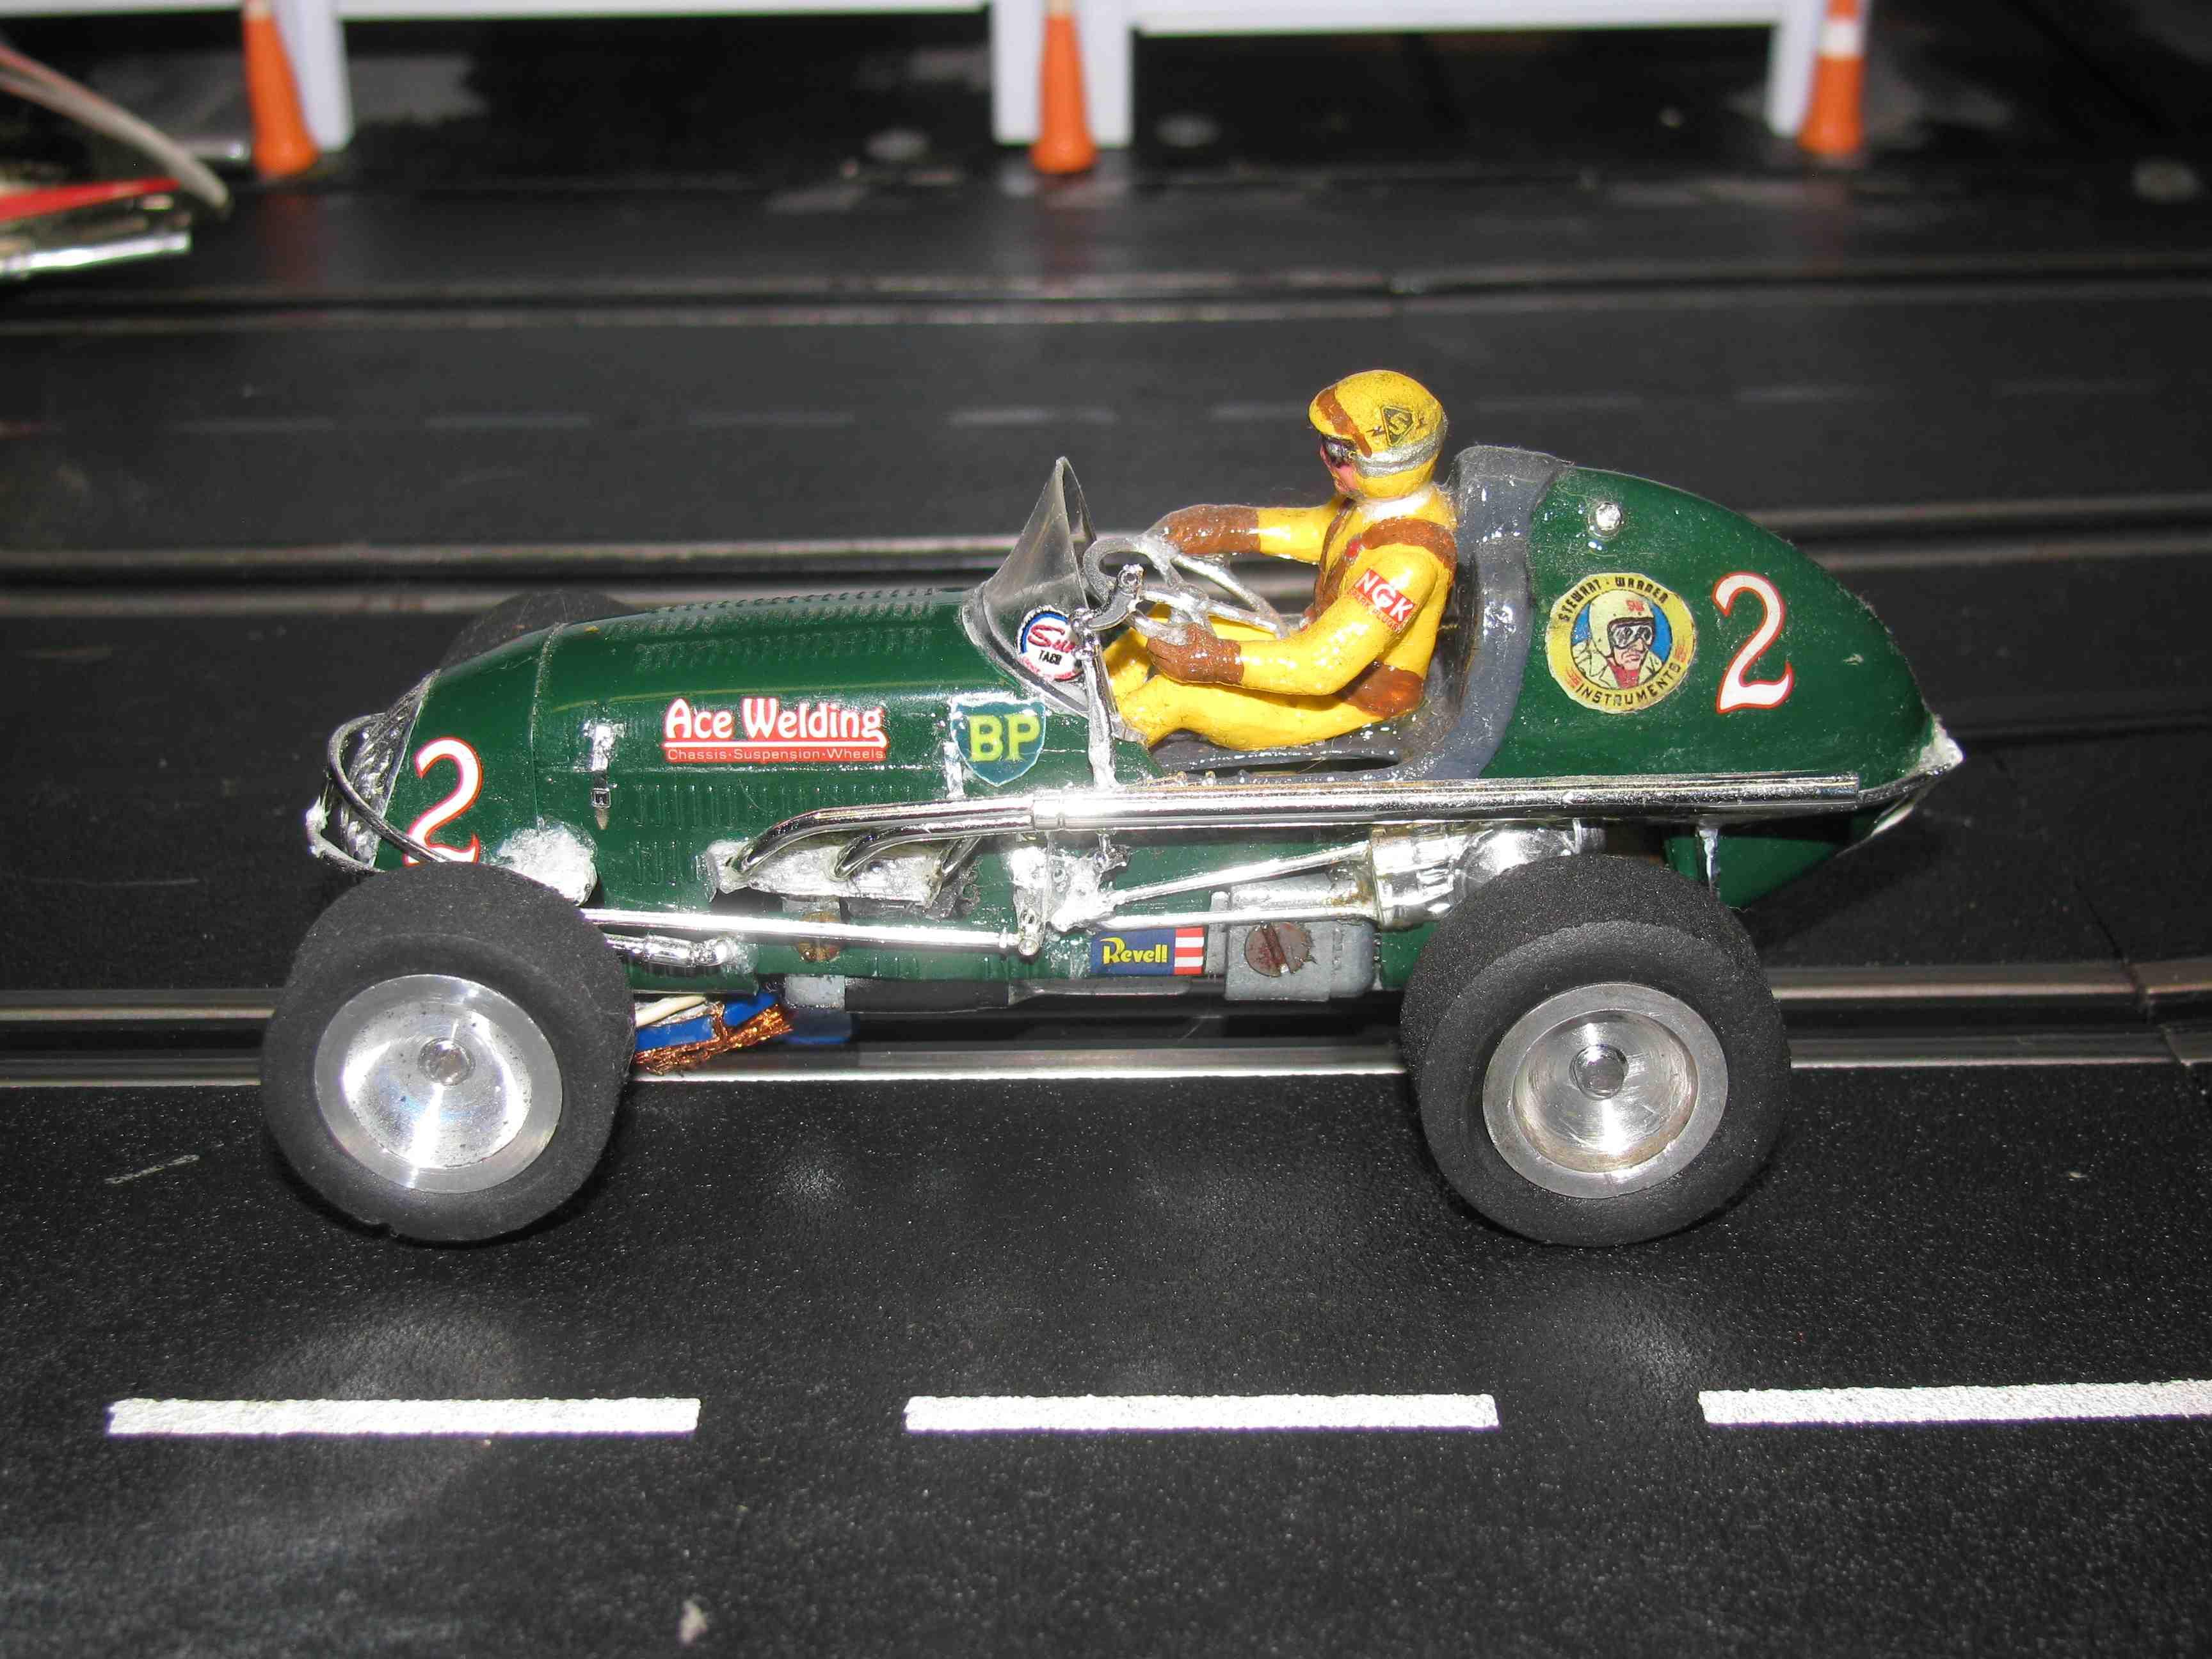 """* SOLD * * SALE * Vintage Midget Racer """"Green Arrow"""" - """"British Petroleum & ACE Welding"""" Slot Car 1/32 Scale – Car #2"""